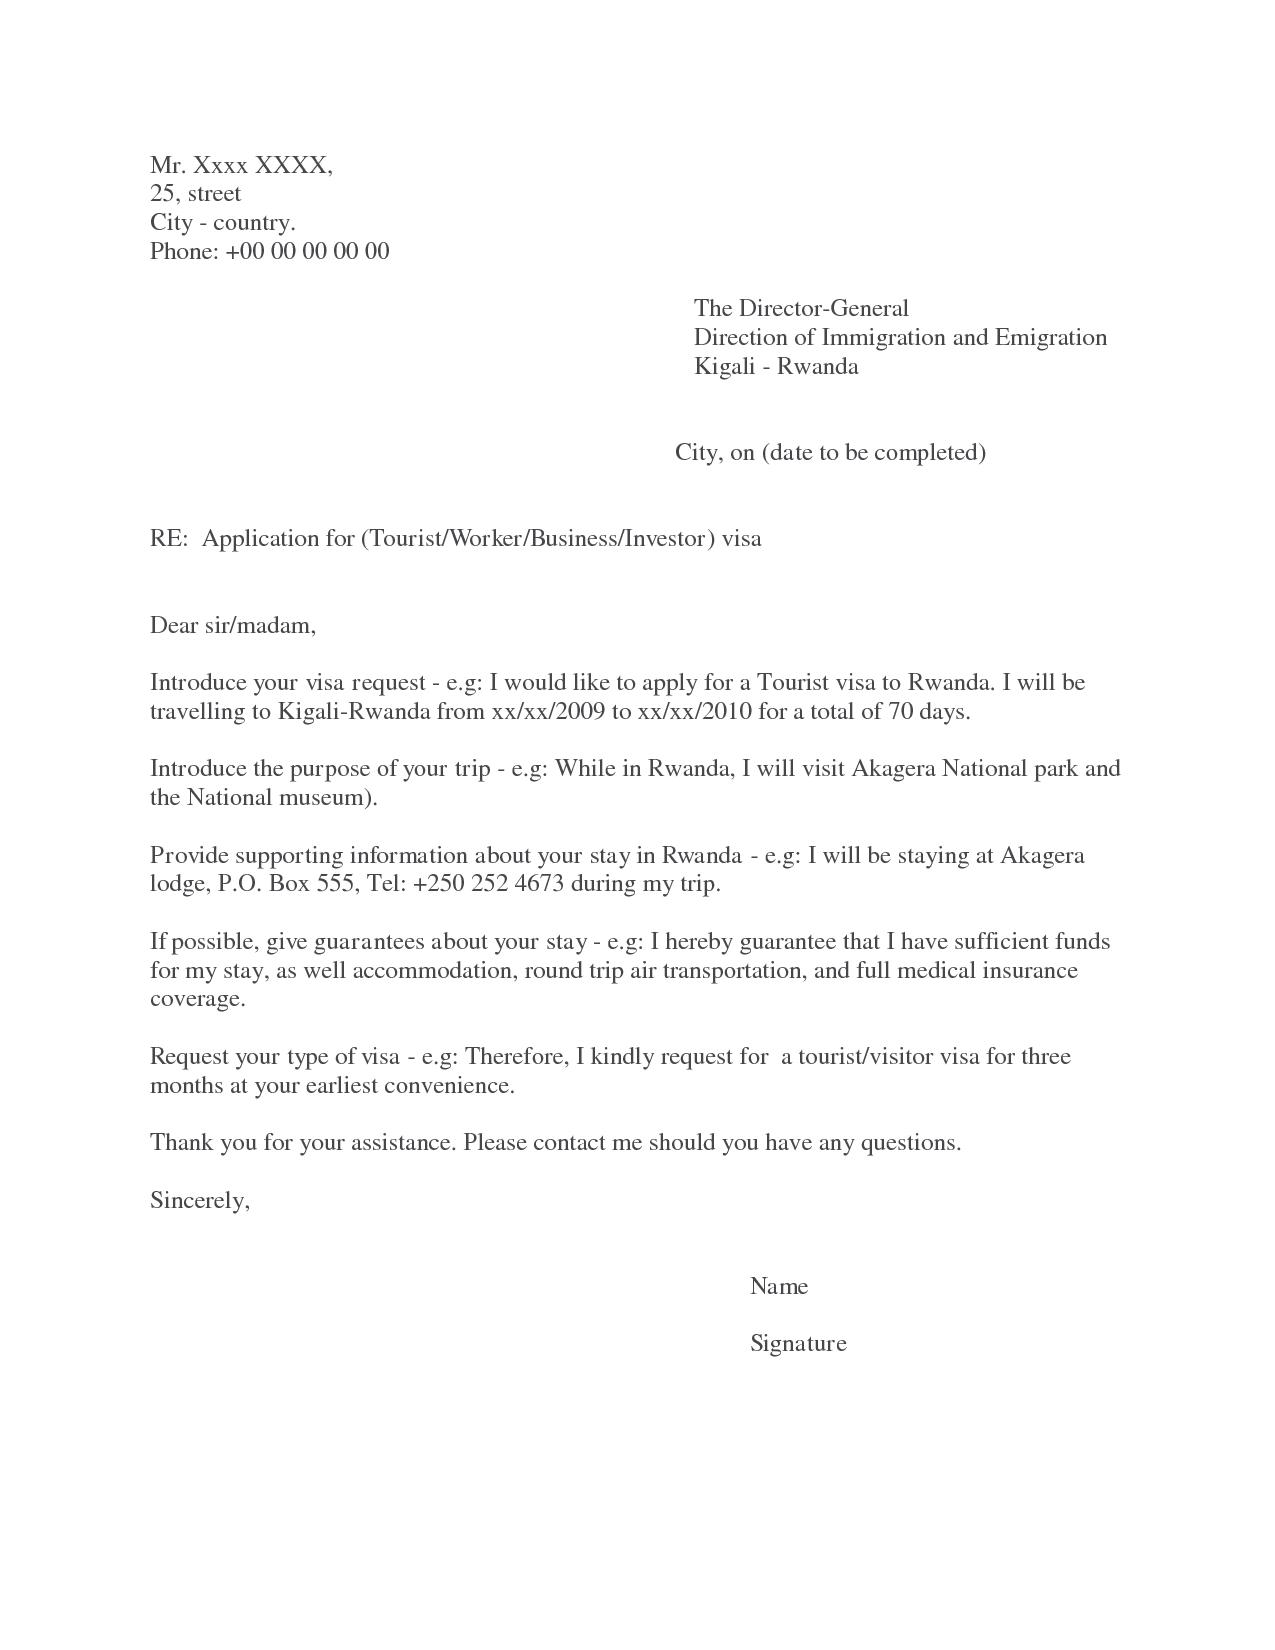 Sample B Visa Invitation Letter ImmihelpVisa Application